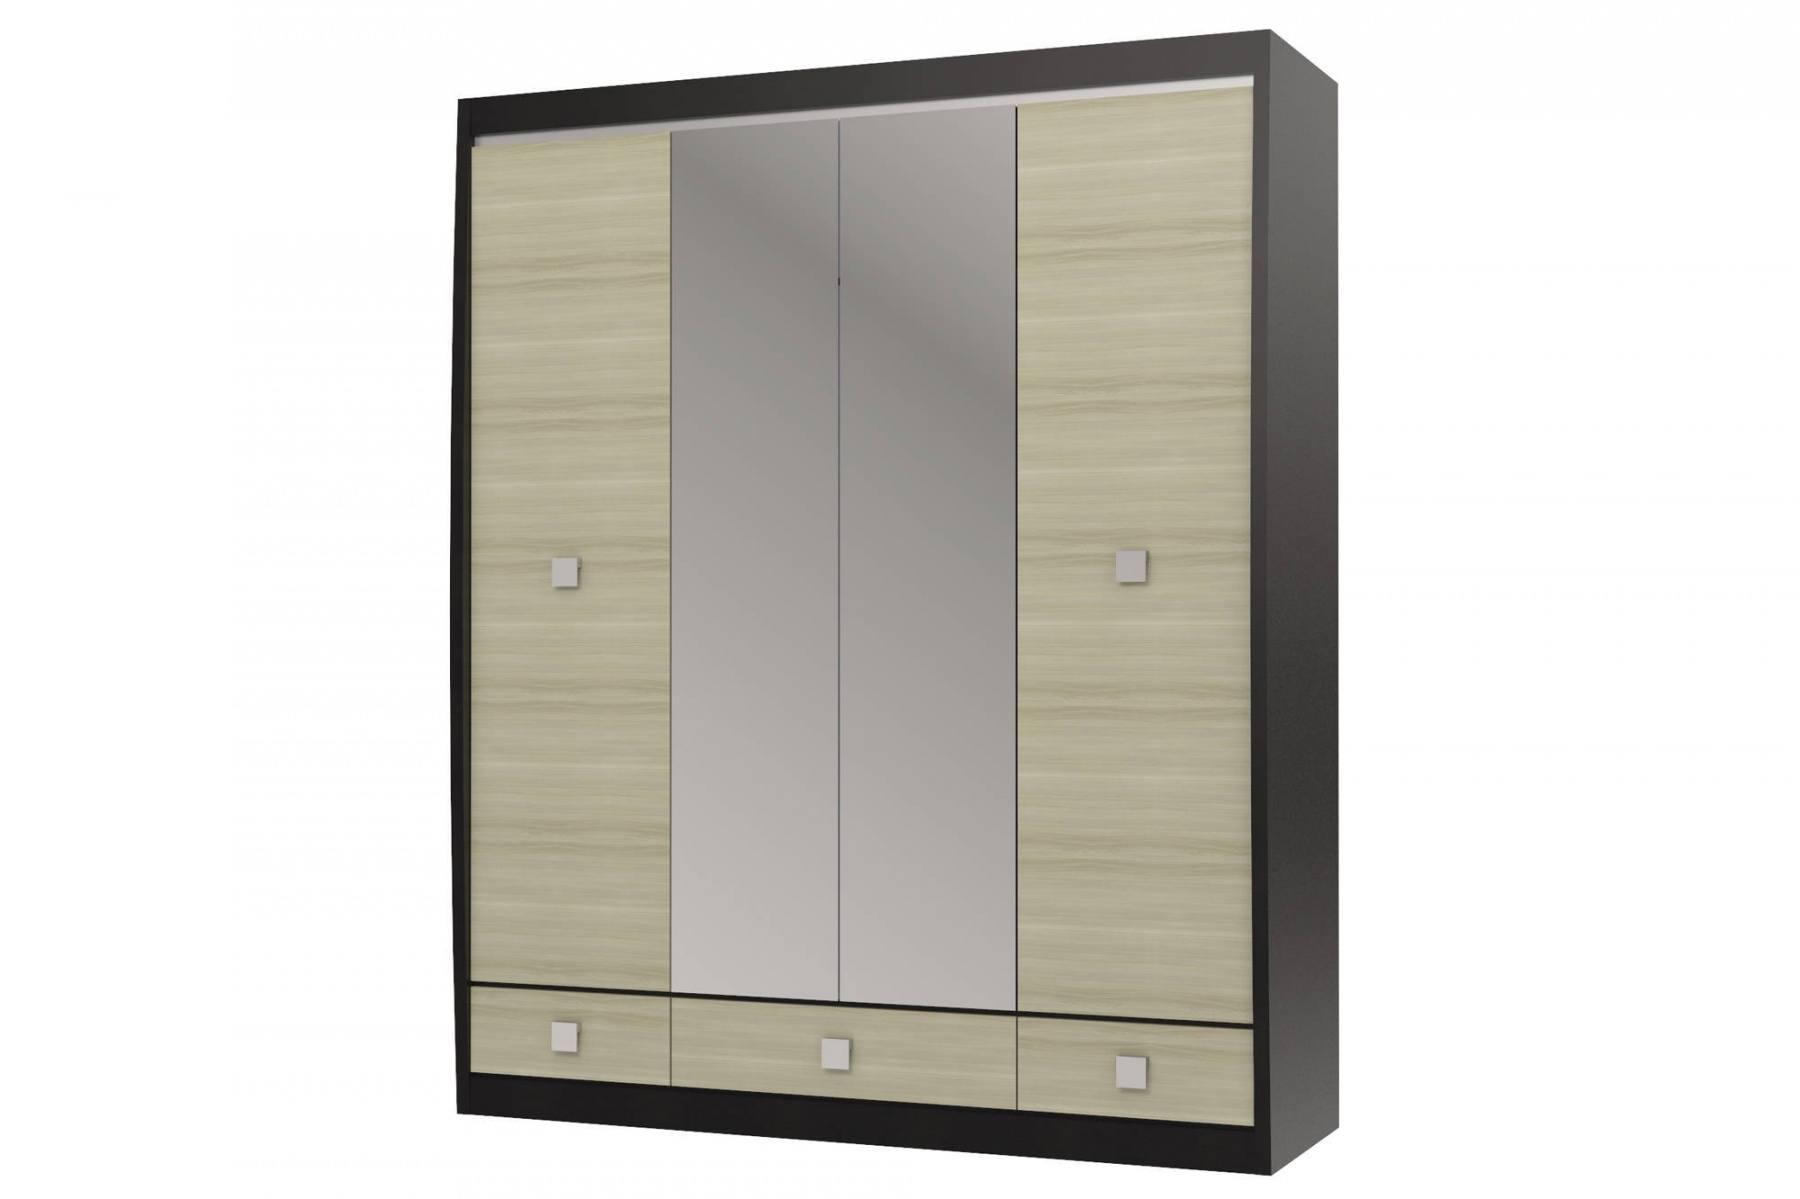 цена на Шкаф с зеркалом 4-х дверный с 3-мя ящиками Ксено СТЛ.078.19